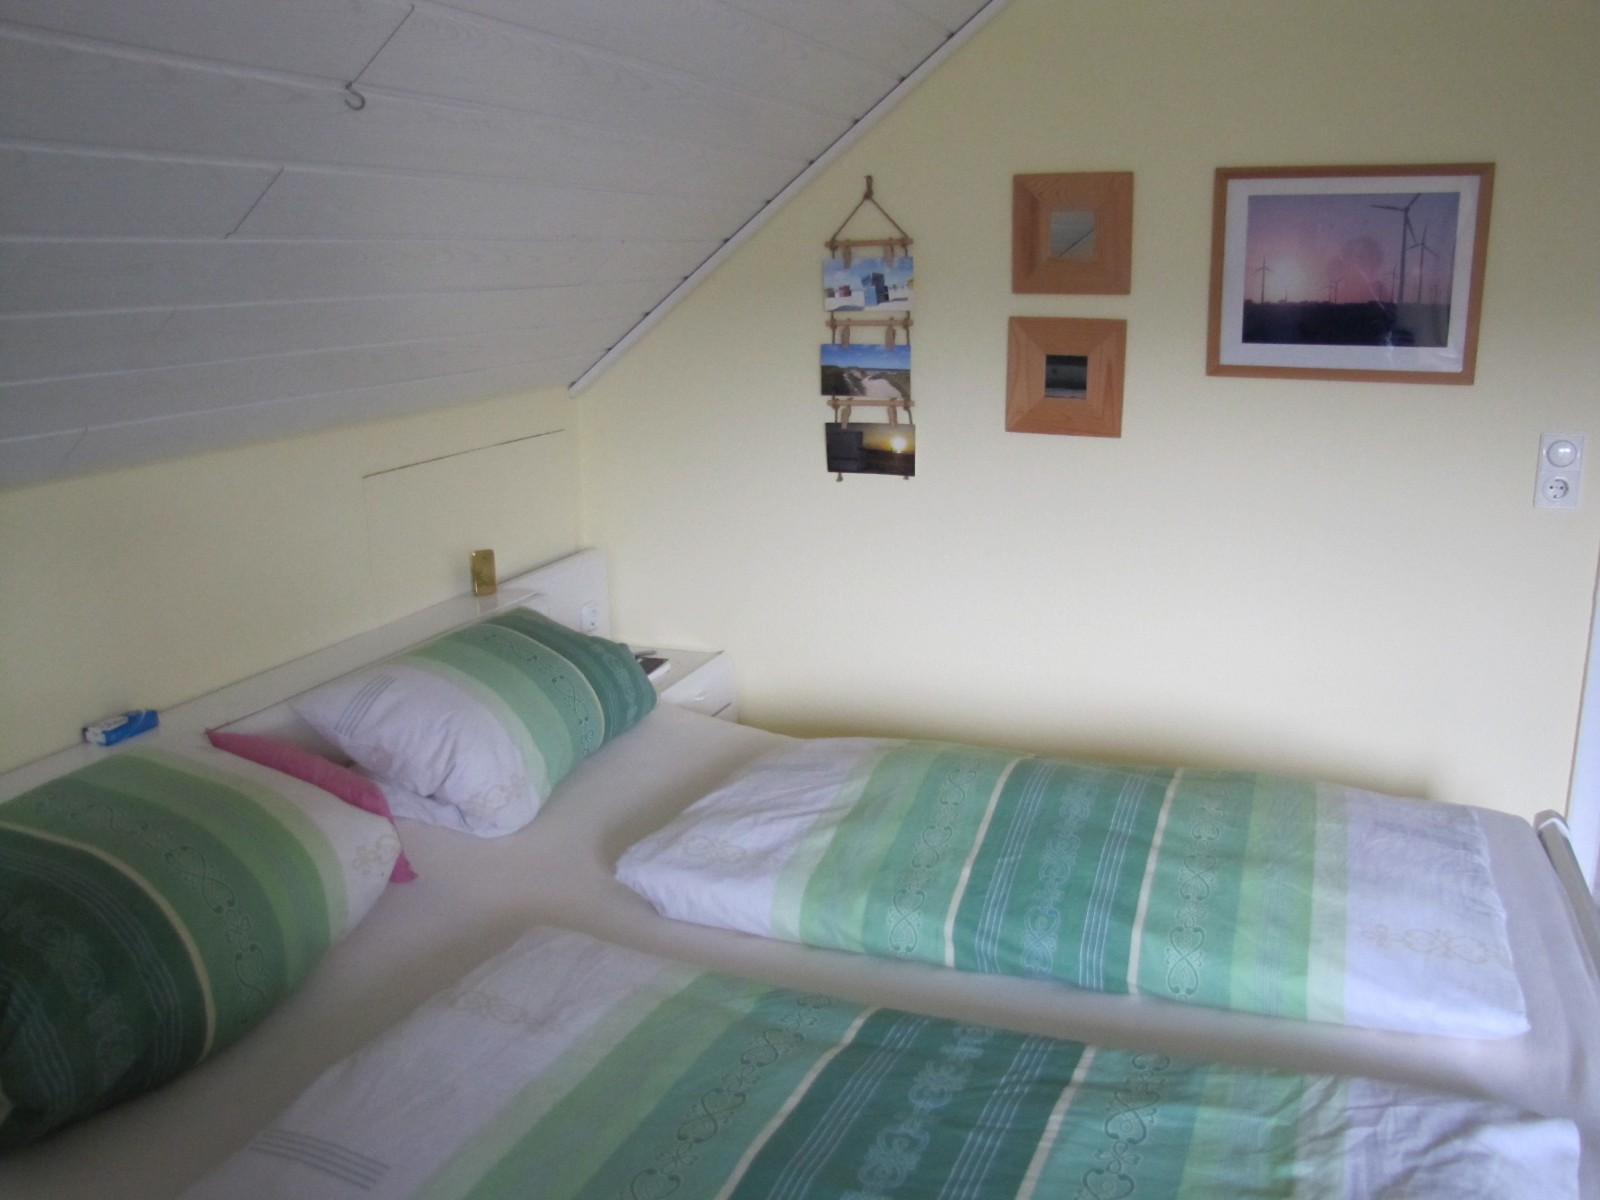 Schlafzimmer \'Schlafzimmer\' - Bei uns - Zimmerschau